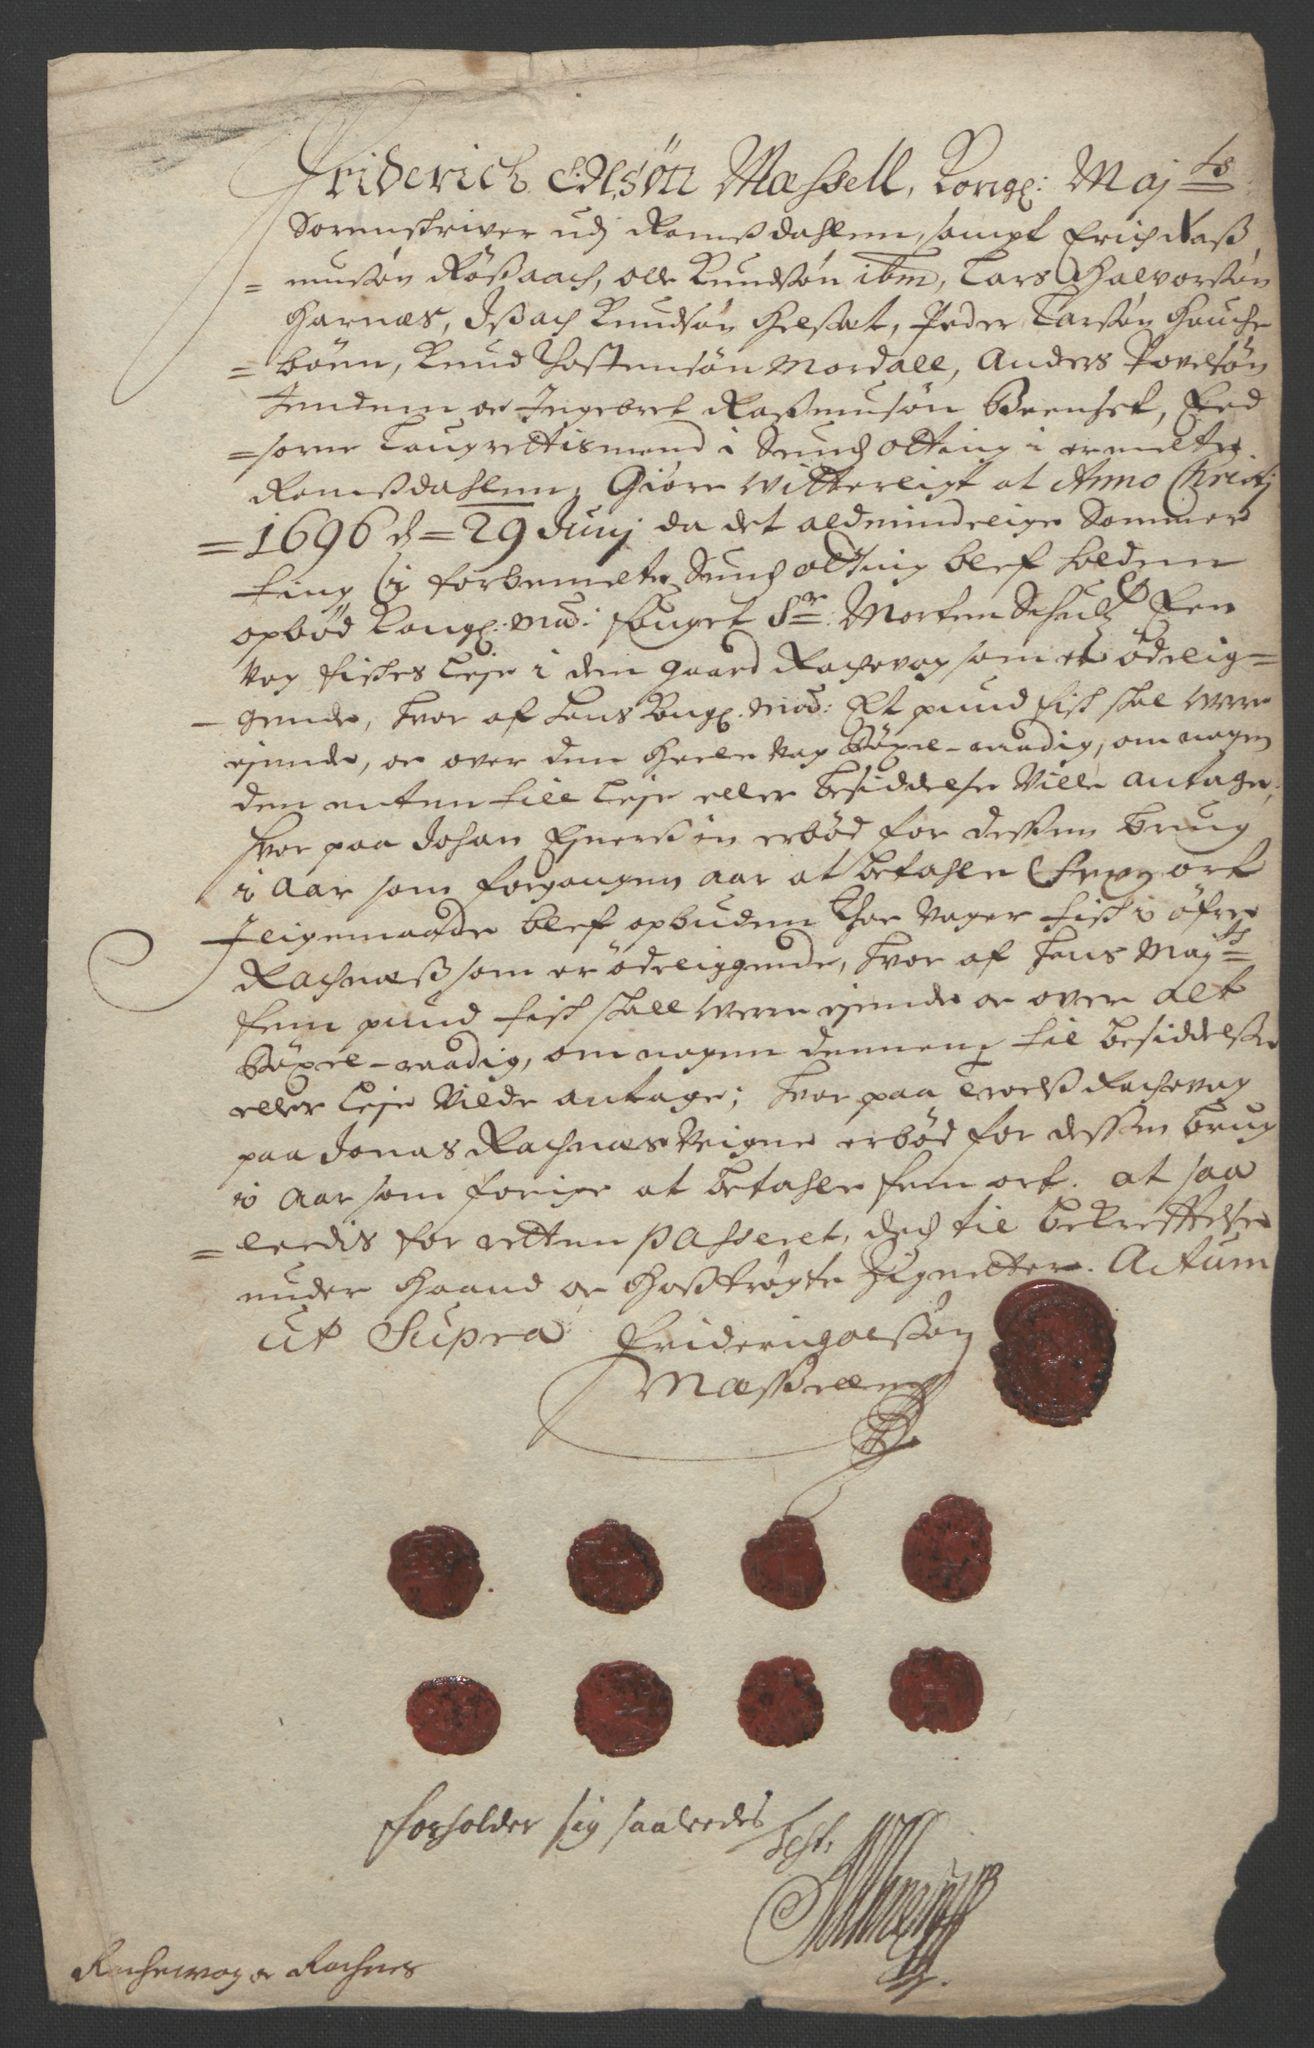 RA, Rentekammeret inntil 1814, Reviderte regnskaper, Fogderegnskap, R55/L3652: Fogderegnskap Romsdal, 1695-1696, s. 283